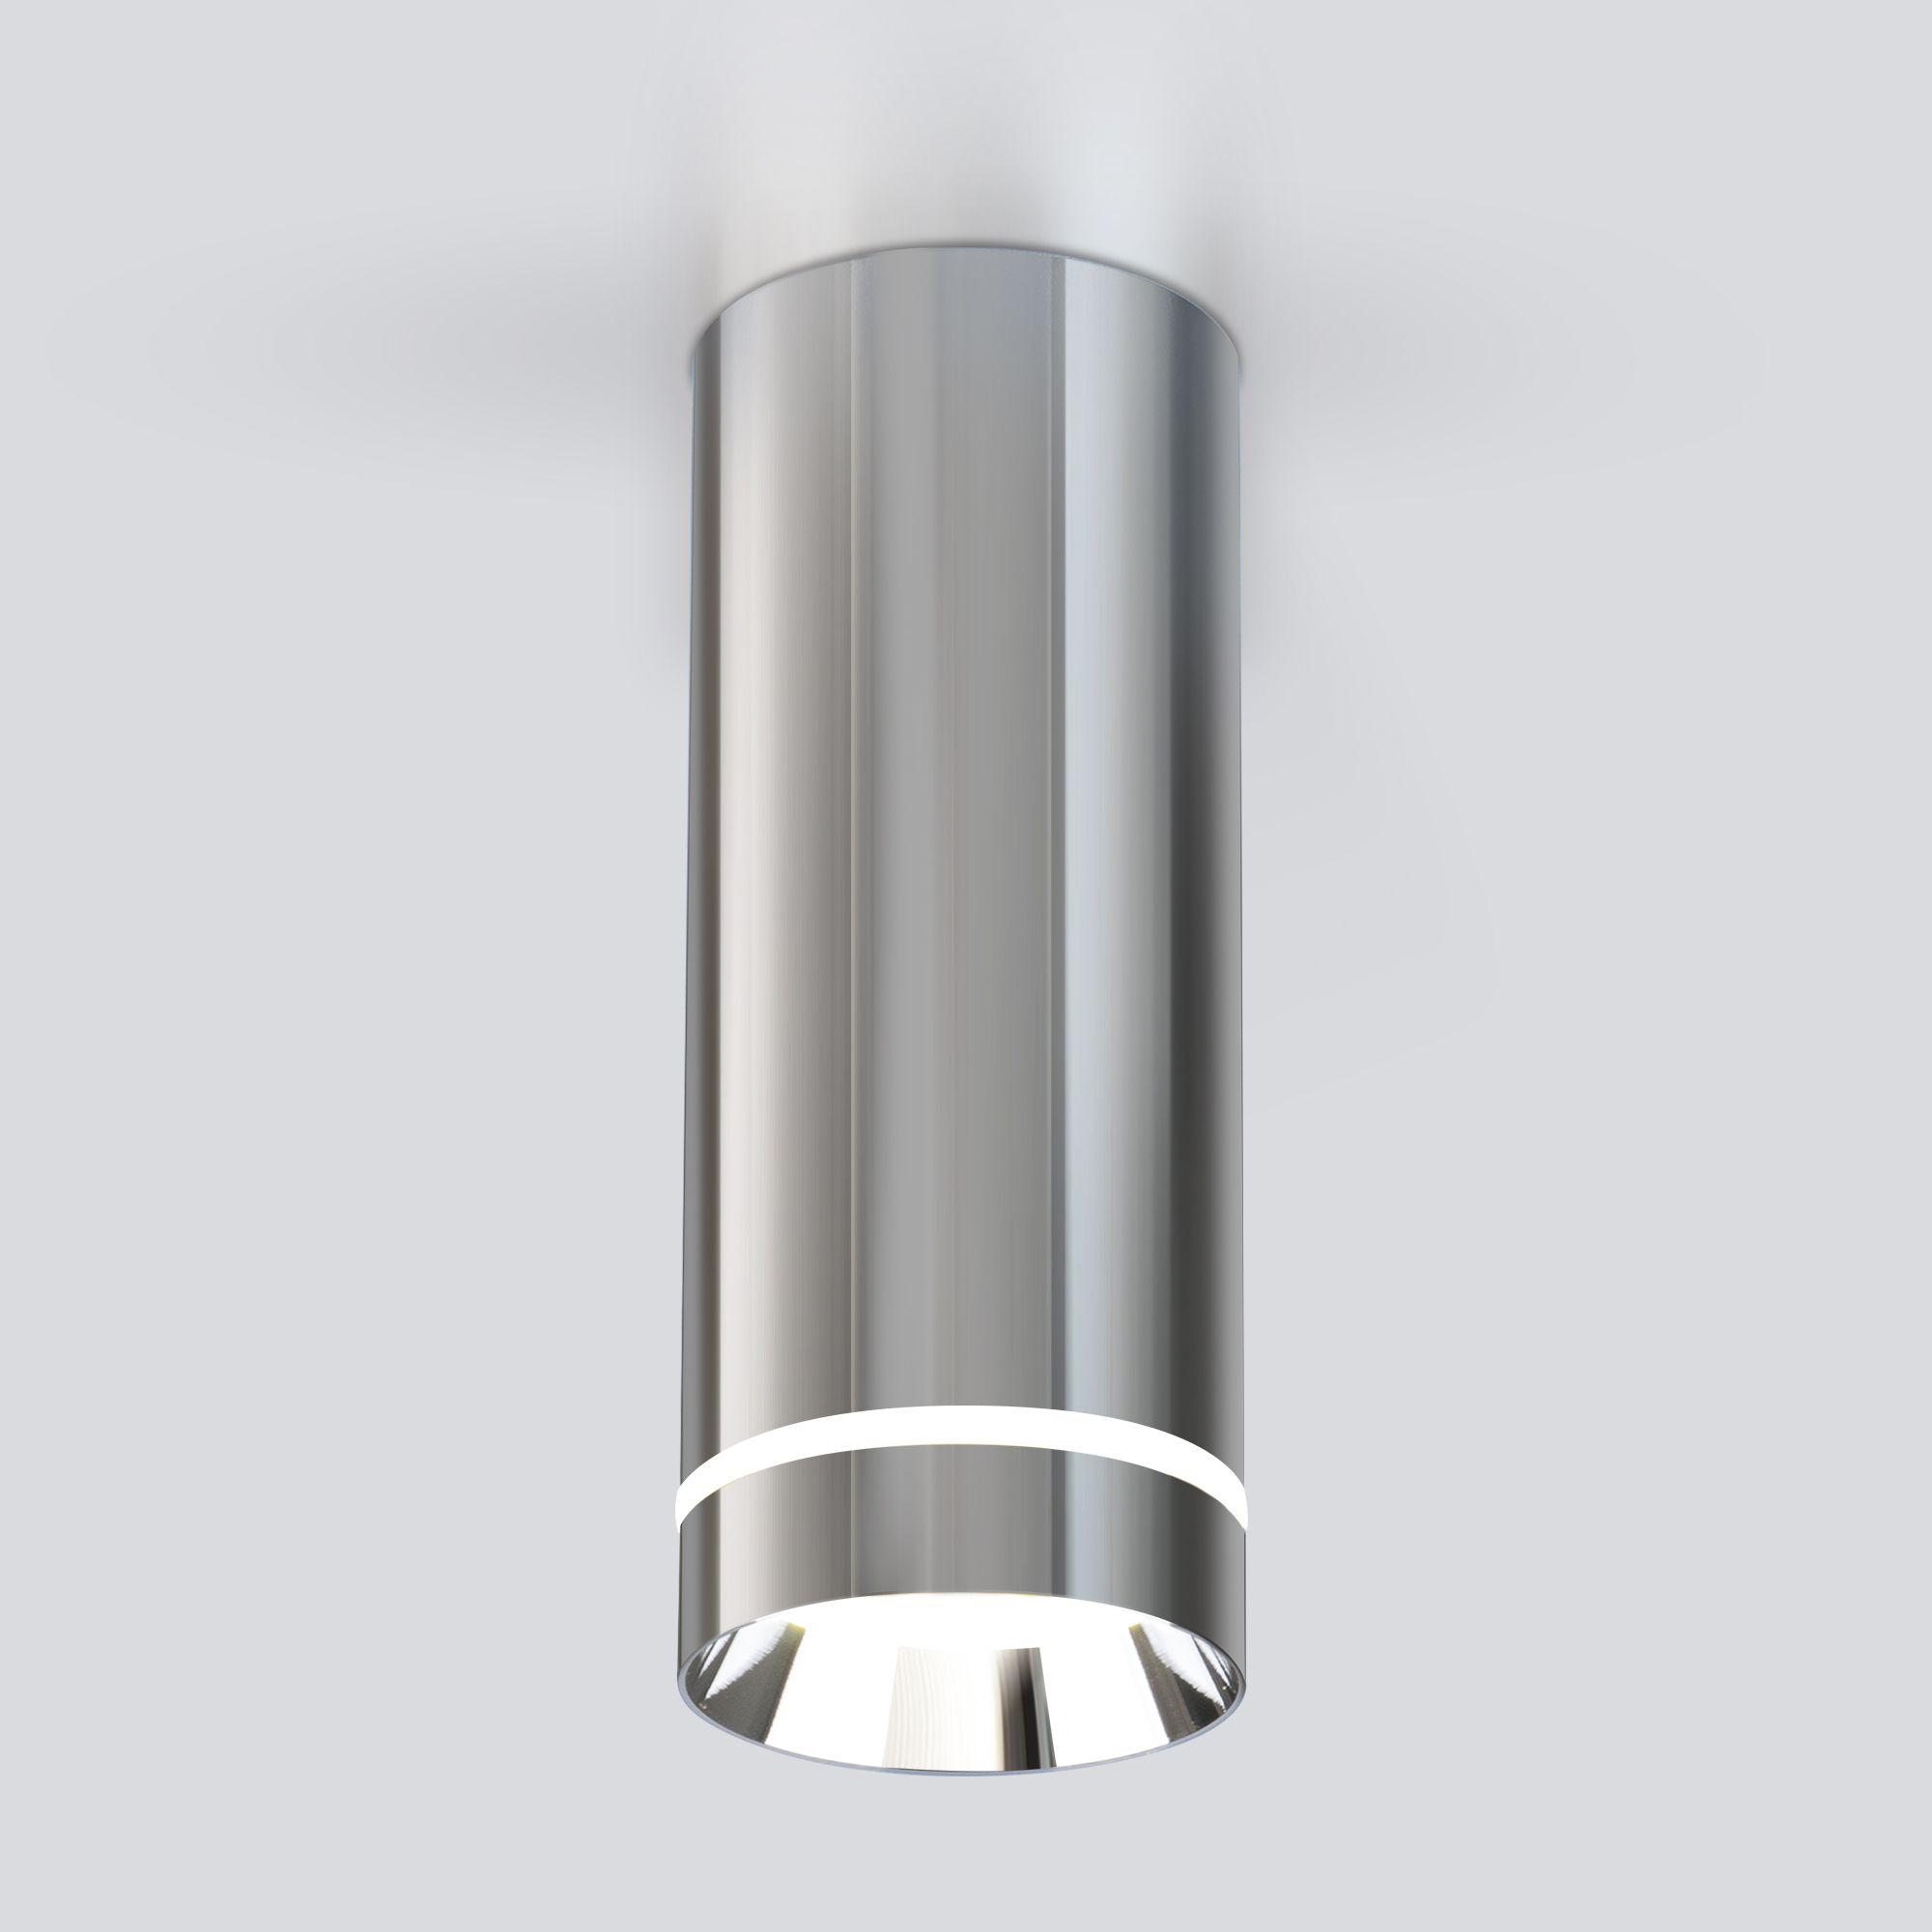 Накладной акцентный светодиодный светильник DLR022 12W 4200K хром